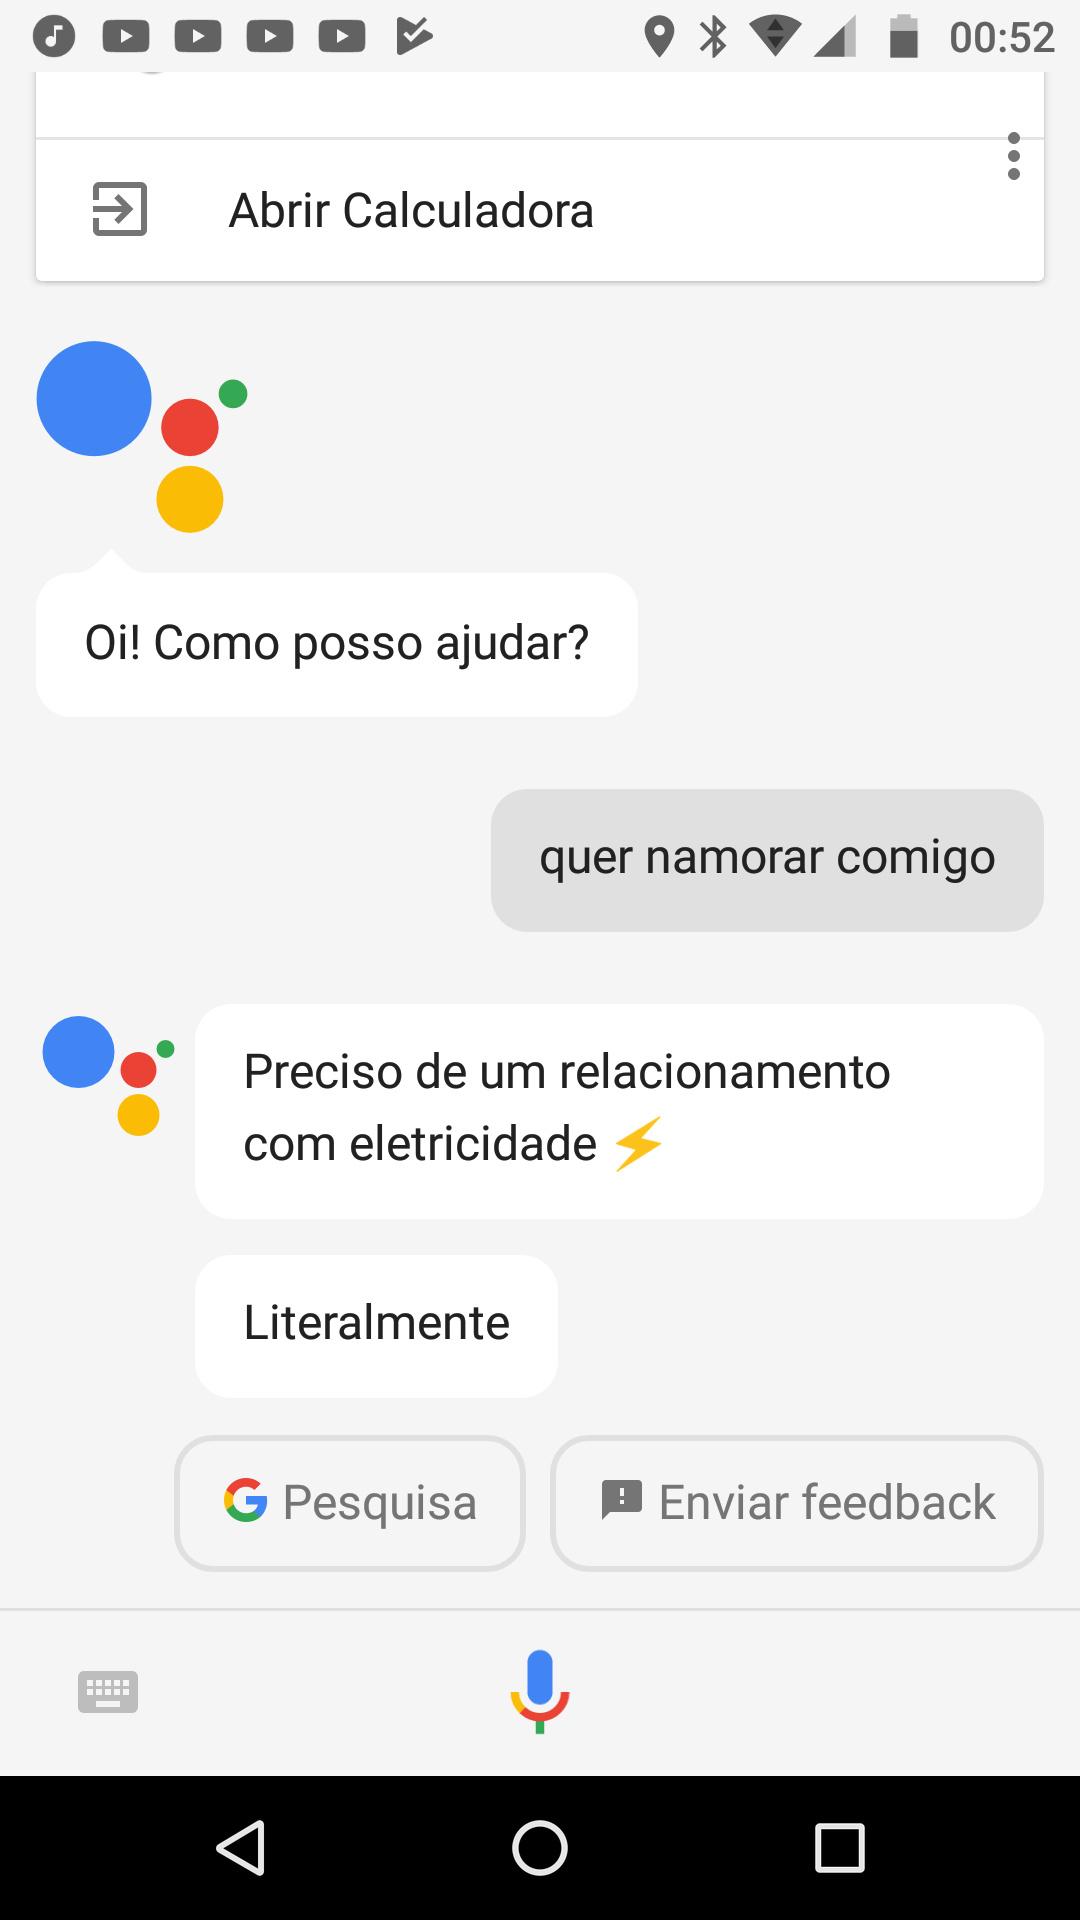 Eis que a assistente do Google é elétrica ... - meme